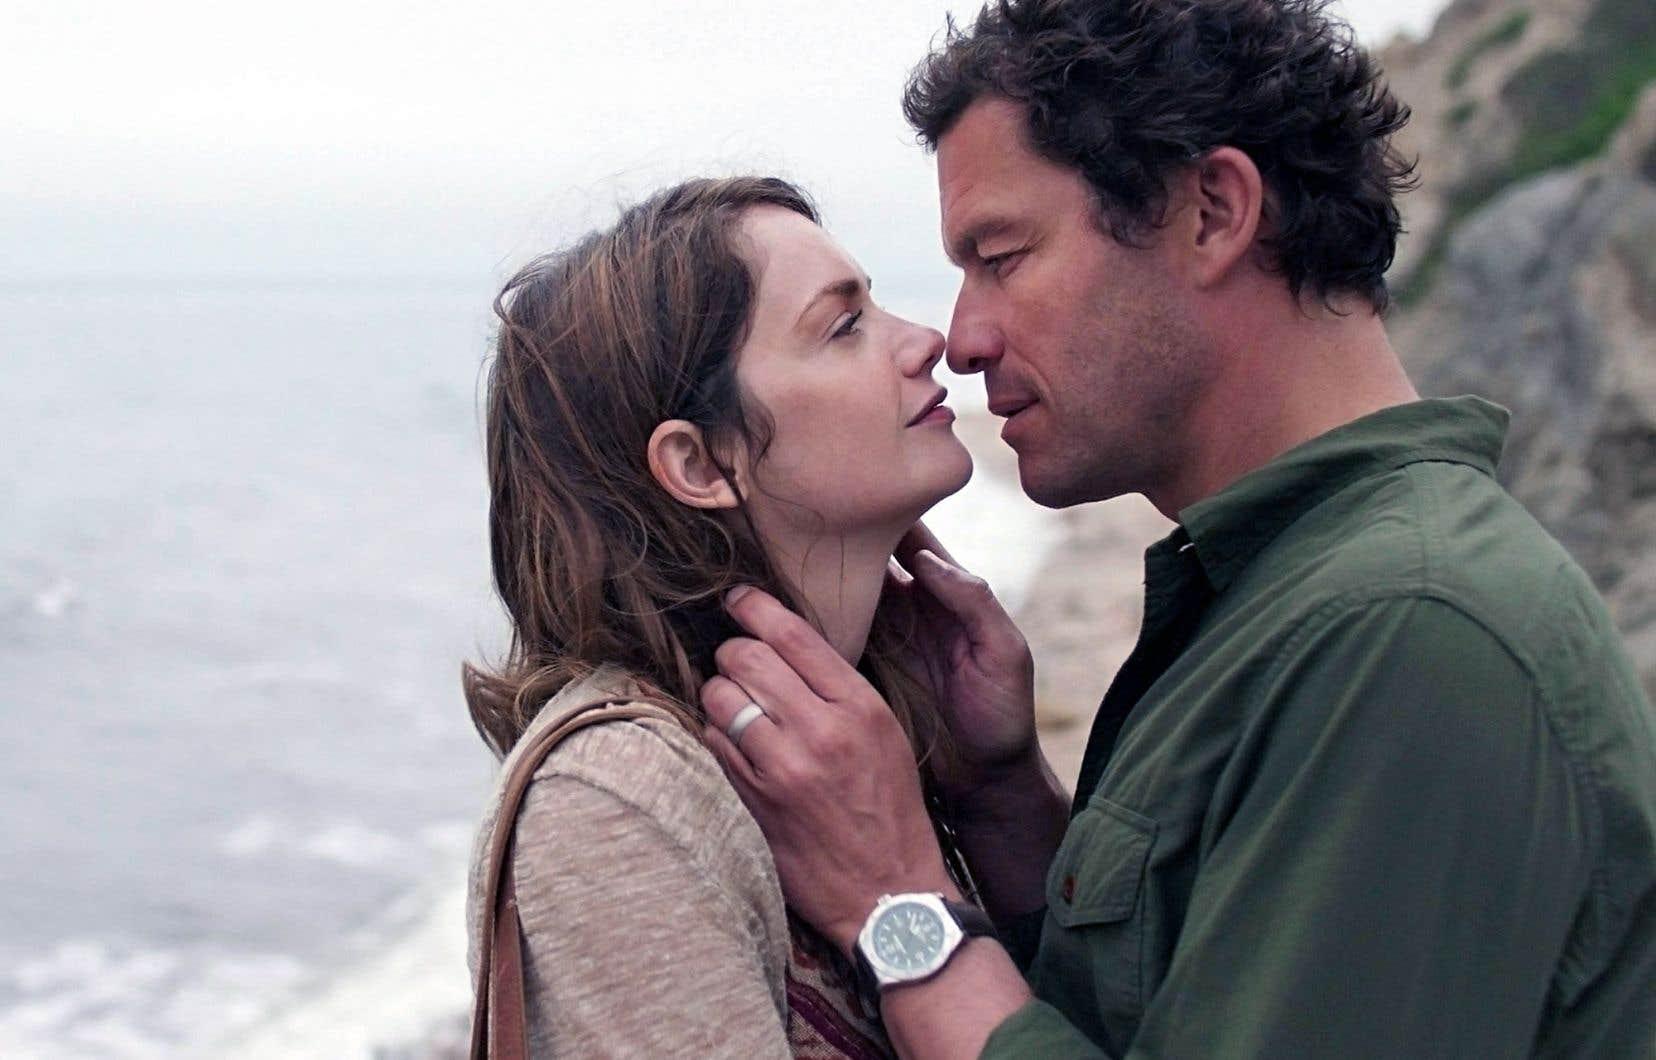 La série The Affair est diffusée sur Showtime en Amérique du Nord et sur Canal + en France depuis octobre. La production explore le thème récurrent, banal, éculé, de l'adultère, mais avec une qualité de jeu et d'écriture qui force la dépendance.